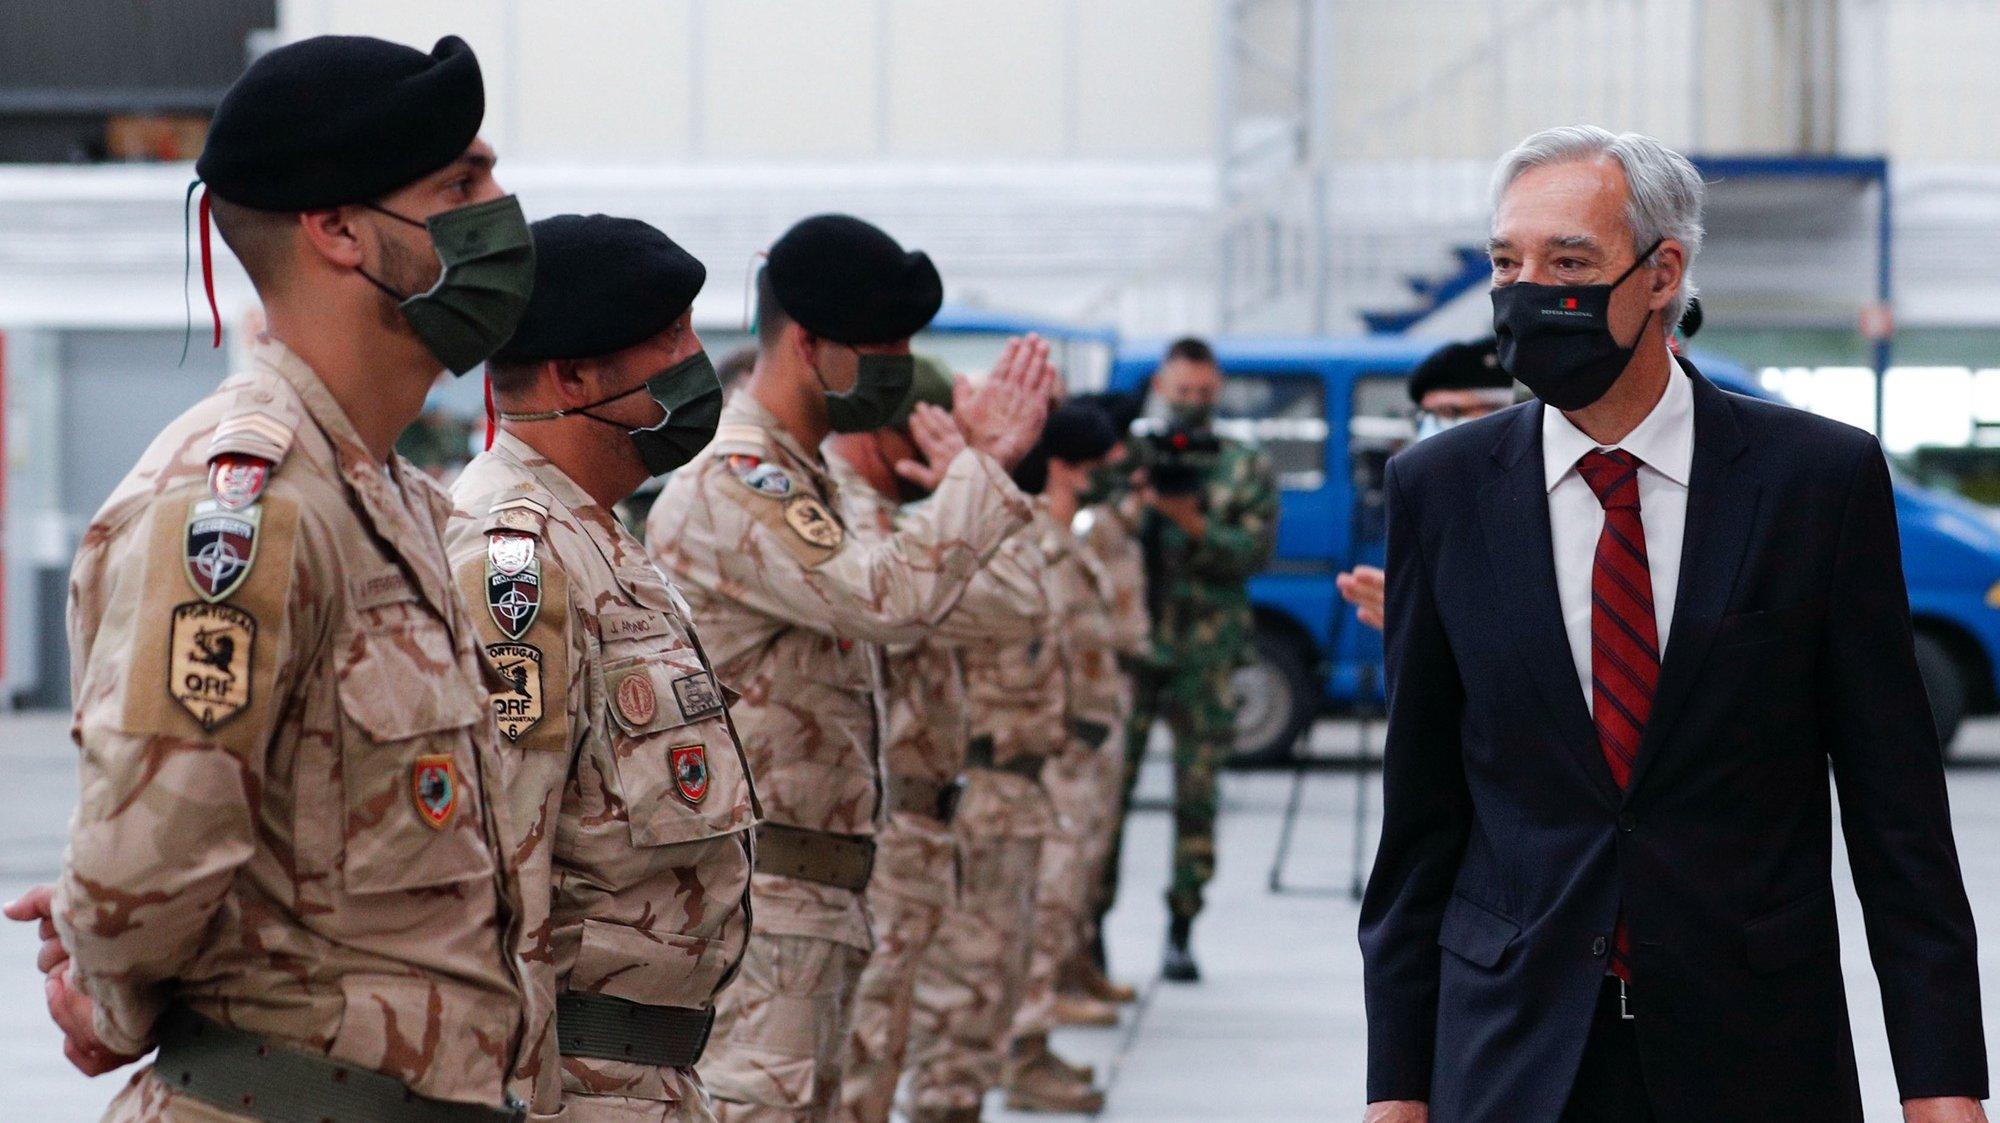 """O ministro da Defesa Nacional, João Cravinho Gomes, durante a cerimónia de receção 6.ª Força Nacional Destacada (FND) em missão da NATO no Afeganistão """"Resolute Support Mission"""", que aterraram esta manhã na Base Aérea de Figo Maduro, em Lisboa, 24 de maio de 2021. ANTÓNIO COTRIM/LUSA"""